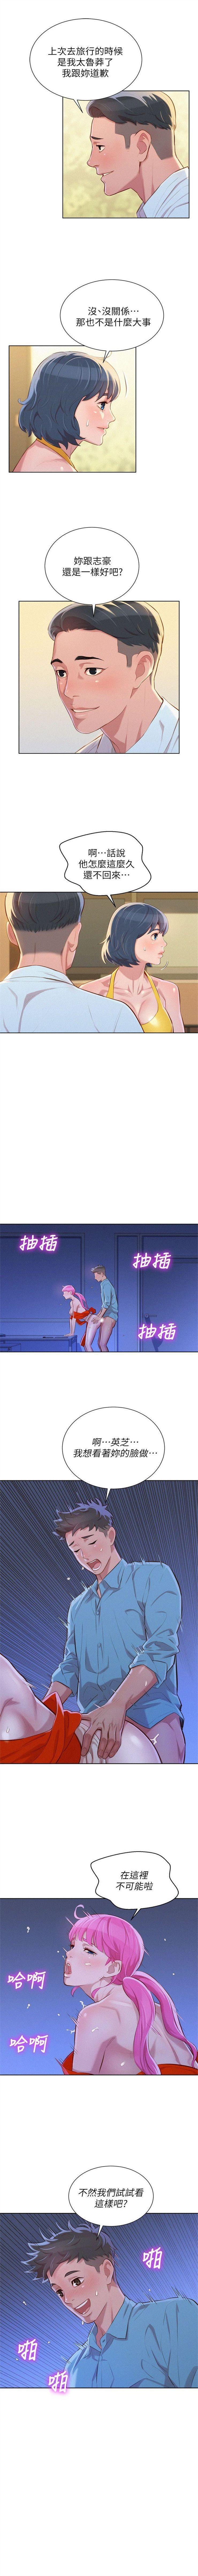 (周7)漂亮干姐姐  1-81 中文翻译 (更新中) 218